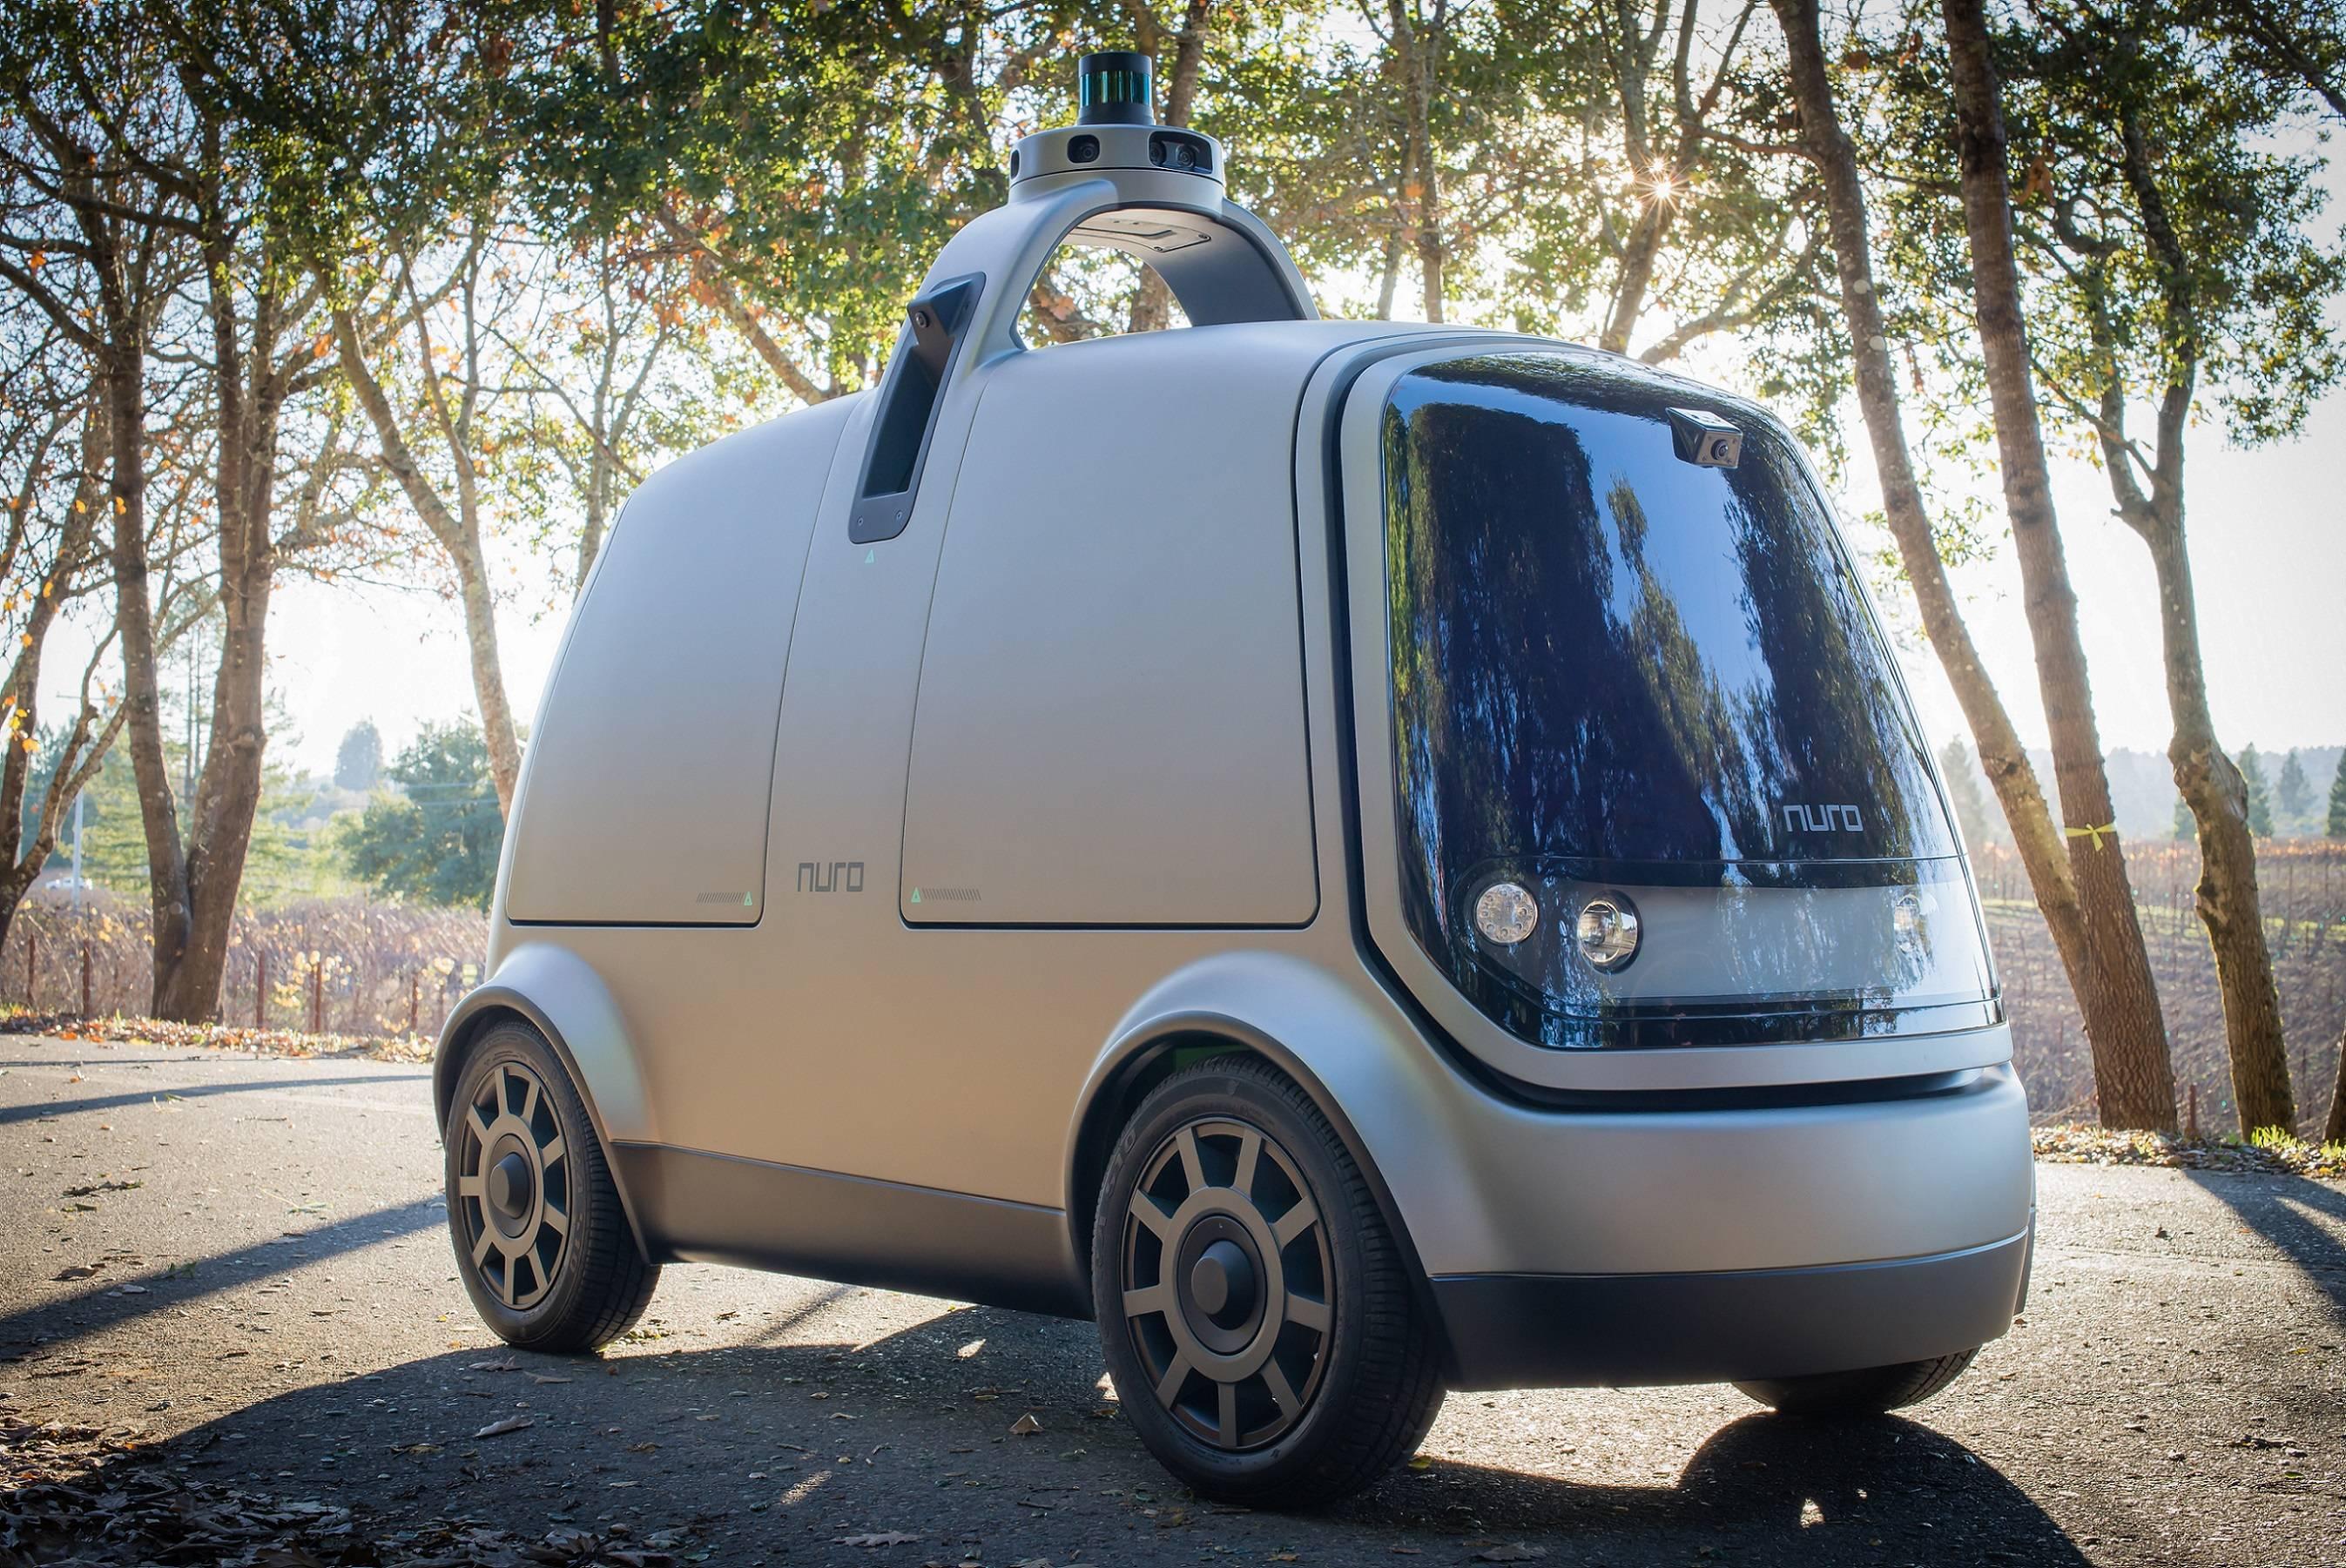 快递新革命:硅谷机器人公司Nuro发布Level 4无人配送车